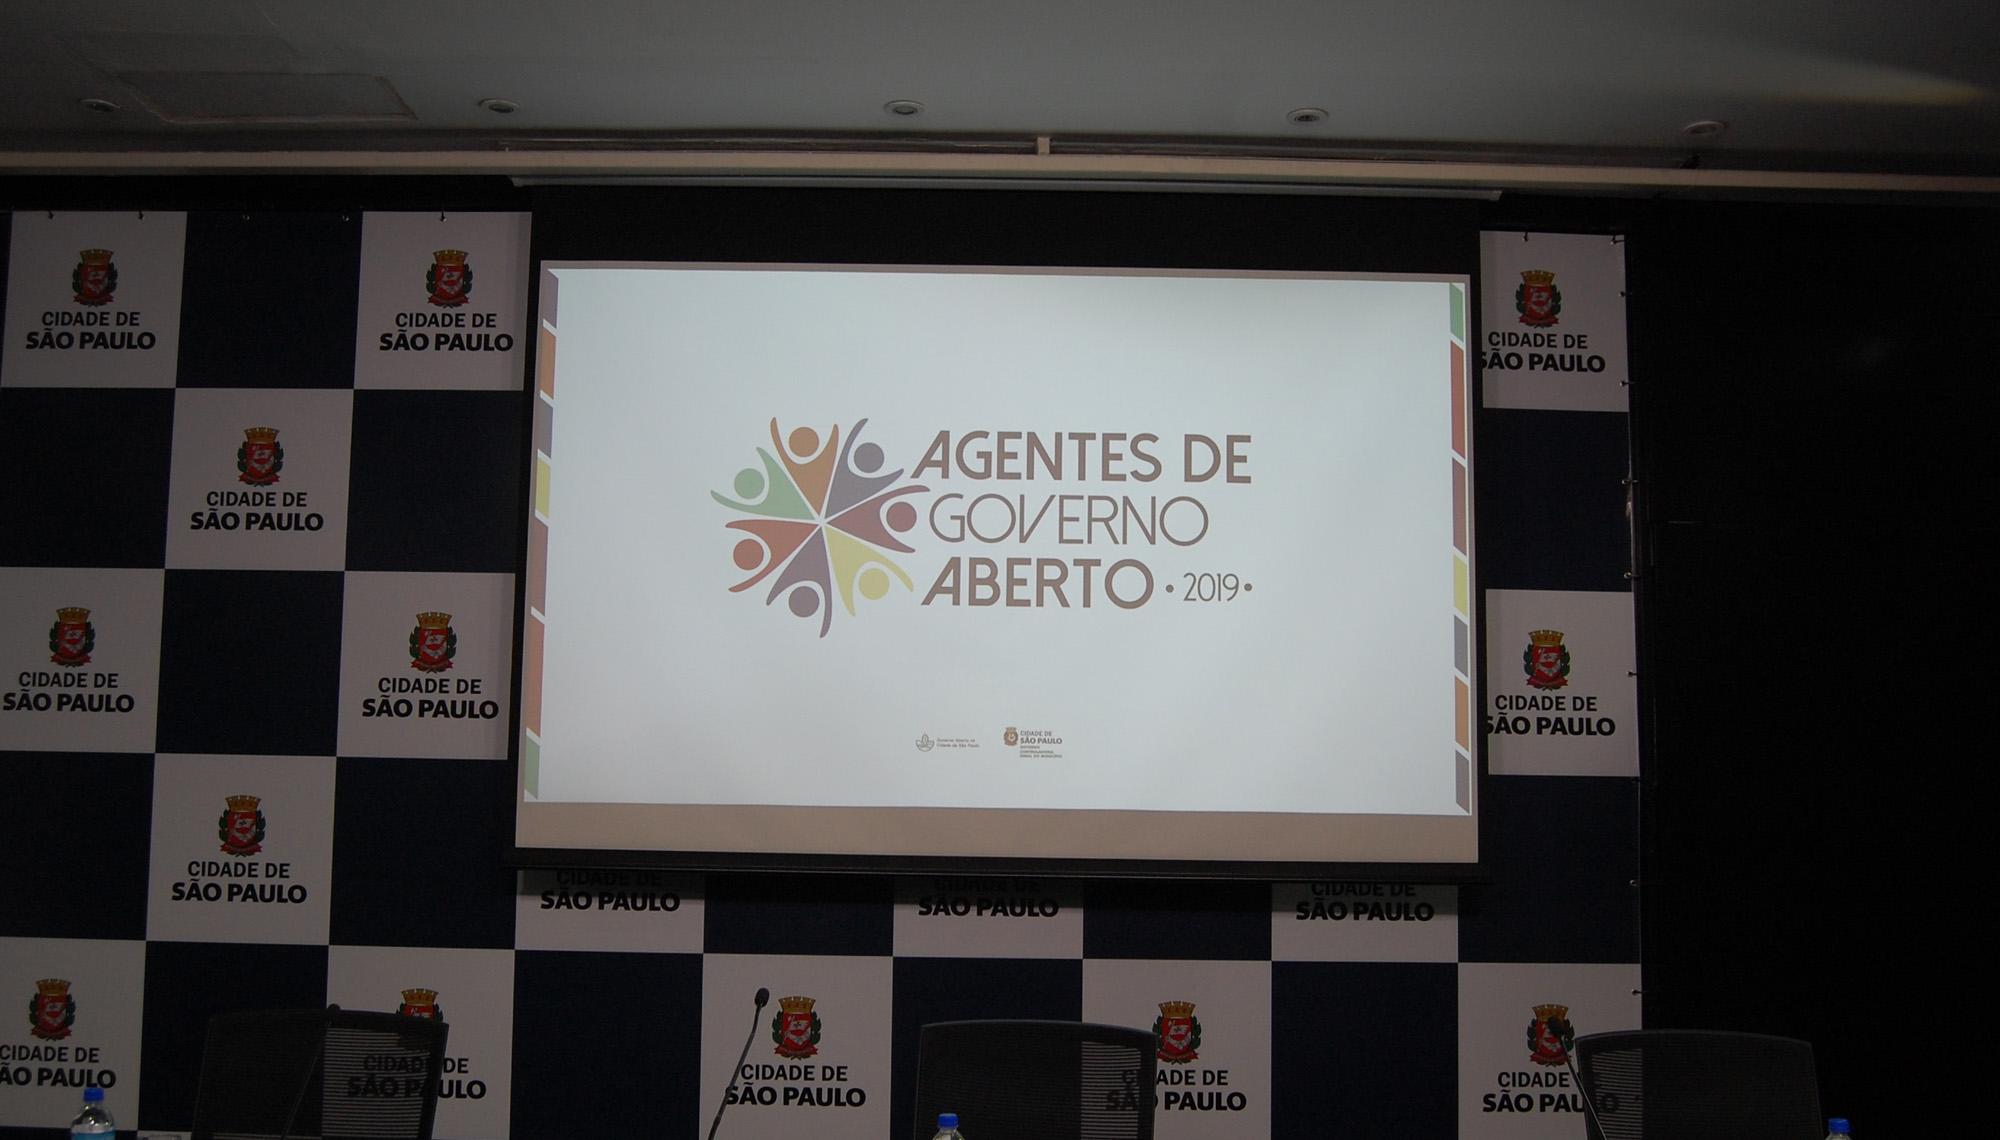 Evento de abertura das oficinas Agentes de Governo Aberto 2019 (Divulgacão: Prefeitura)